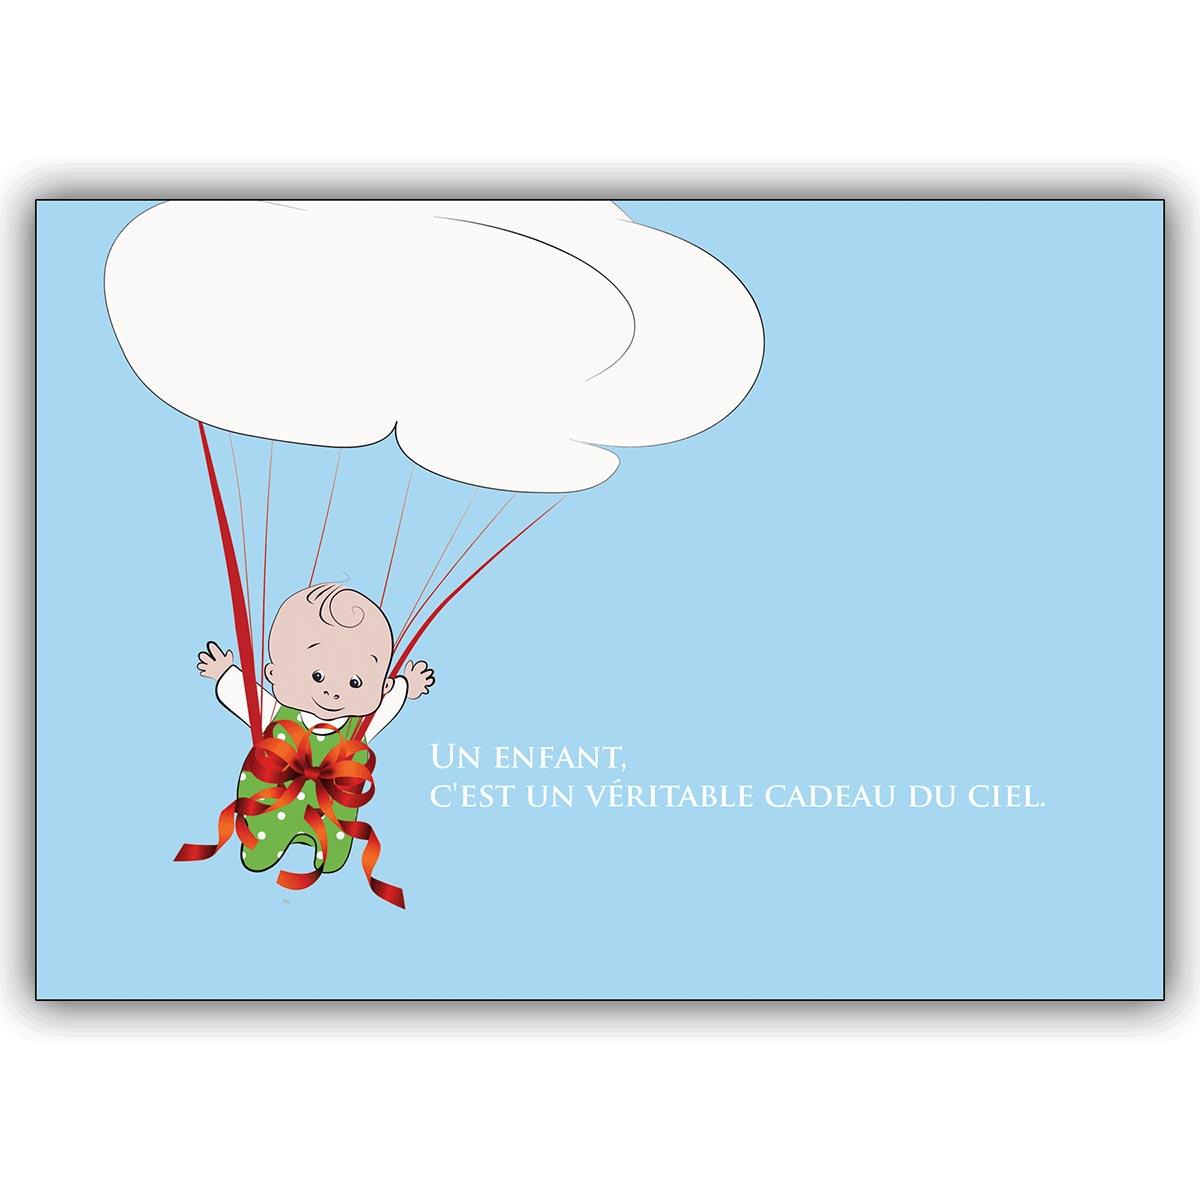 Franzosische Babykarte Mit Fallschirm Baby Und Wolke Un Enfant Cest Un